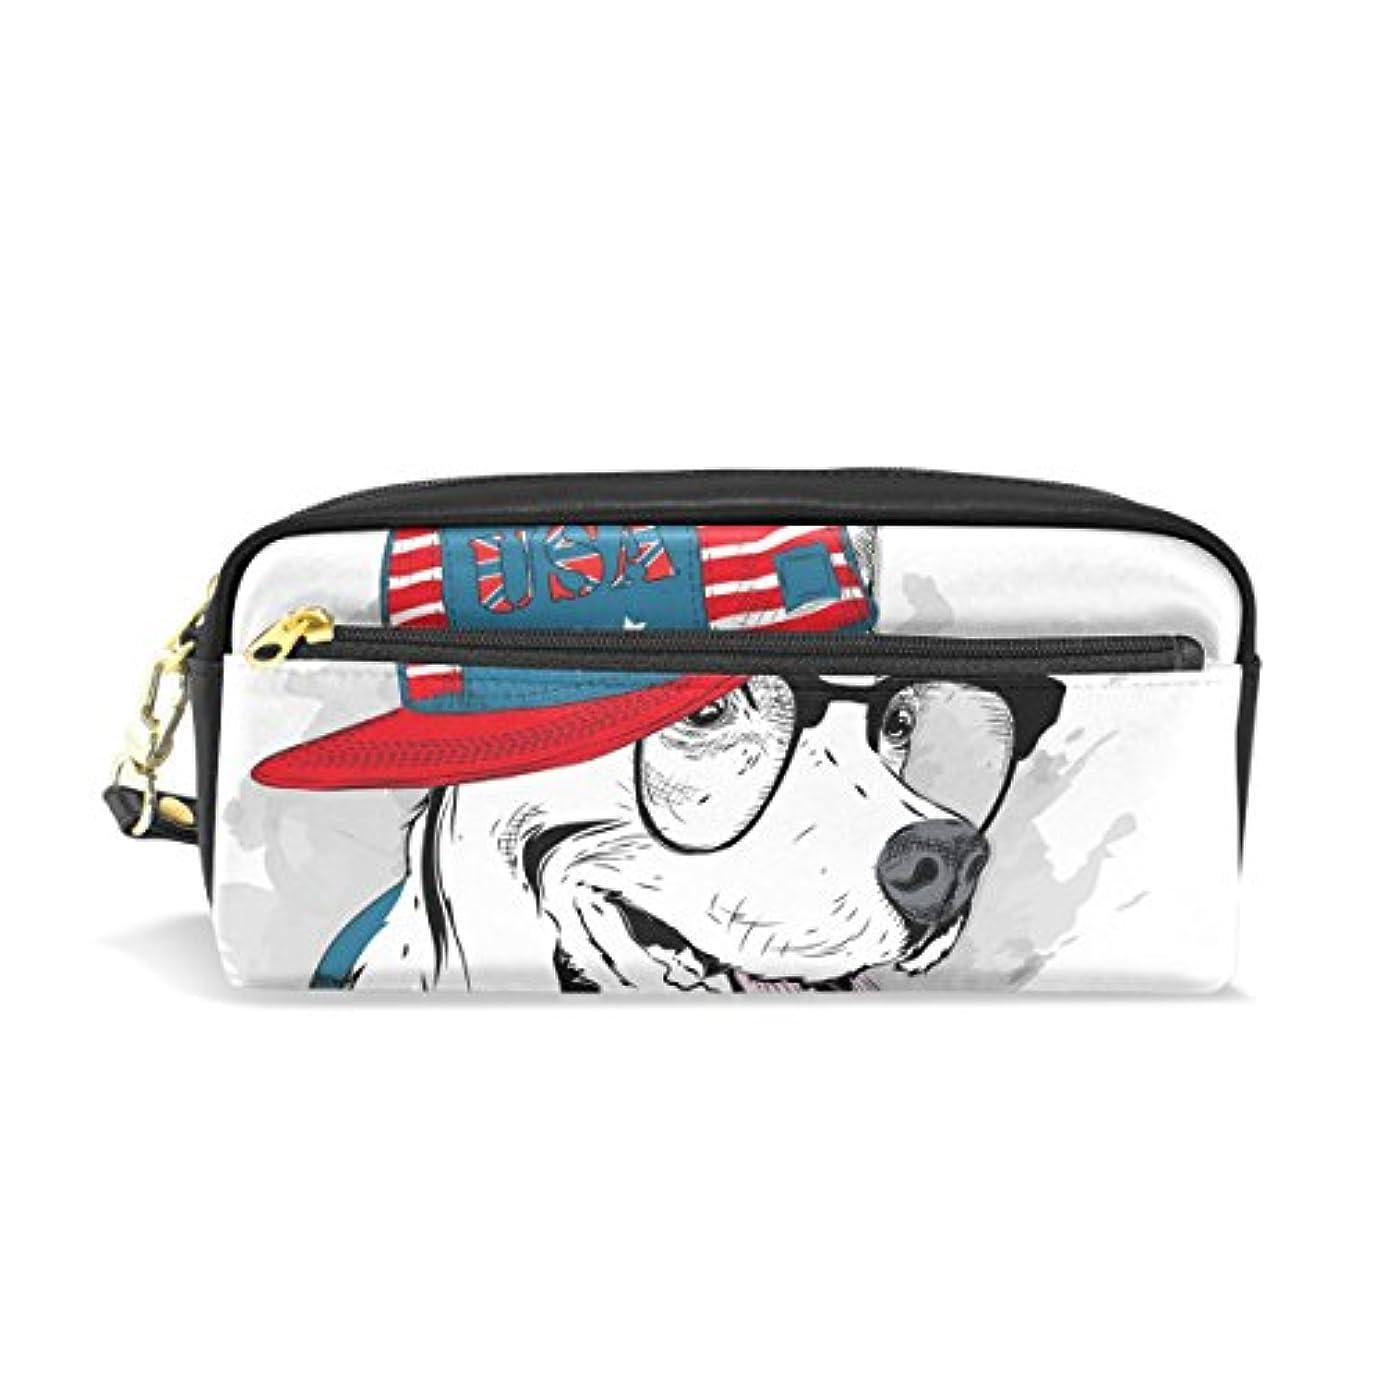 メロディアス抽象約設定AOMOKI ペンケース 化粧ポーチ 小物入り 多機能バッグ アメリカ風 犬 かっこいい